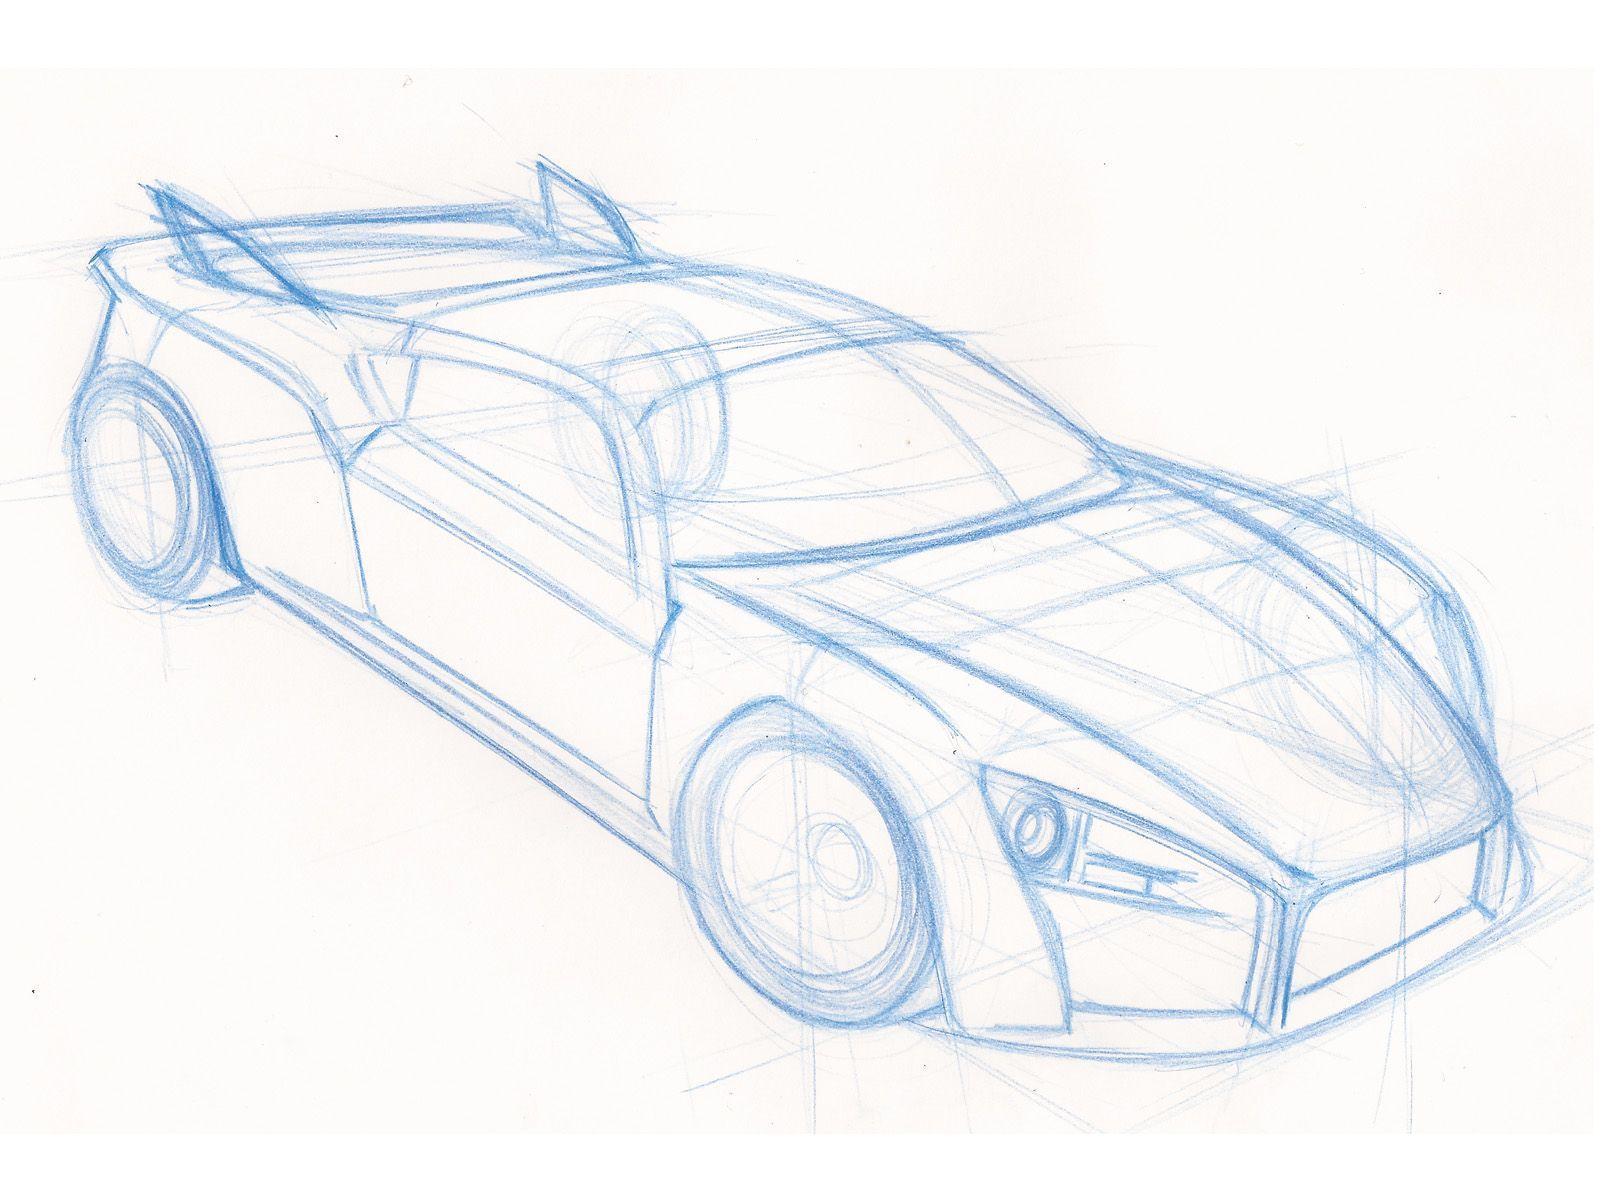 Cool Car Drawings In Pencil Wallpaper Iphone Camaro Side View Cool Car Drawings Drawings Car Drawings